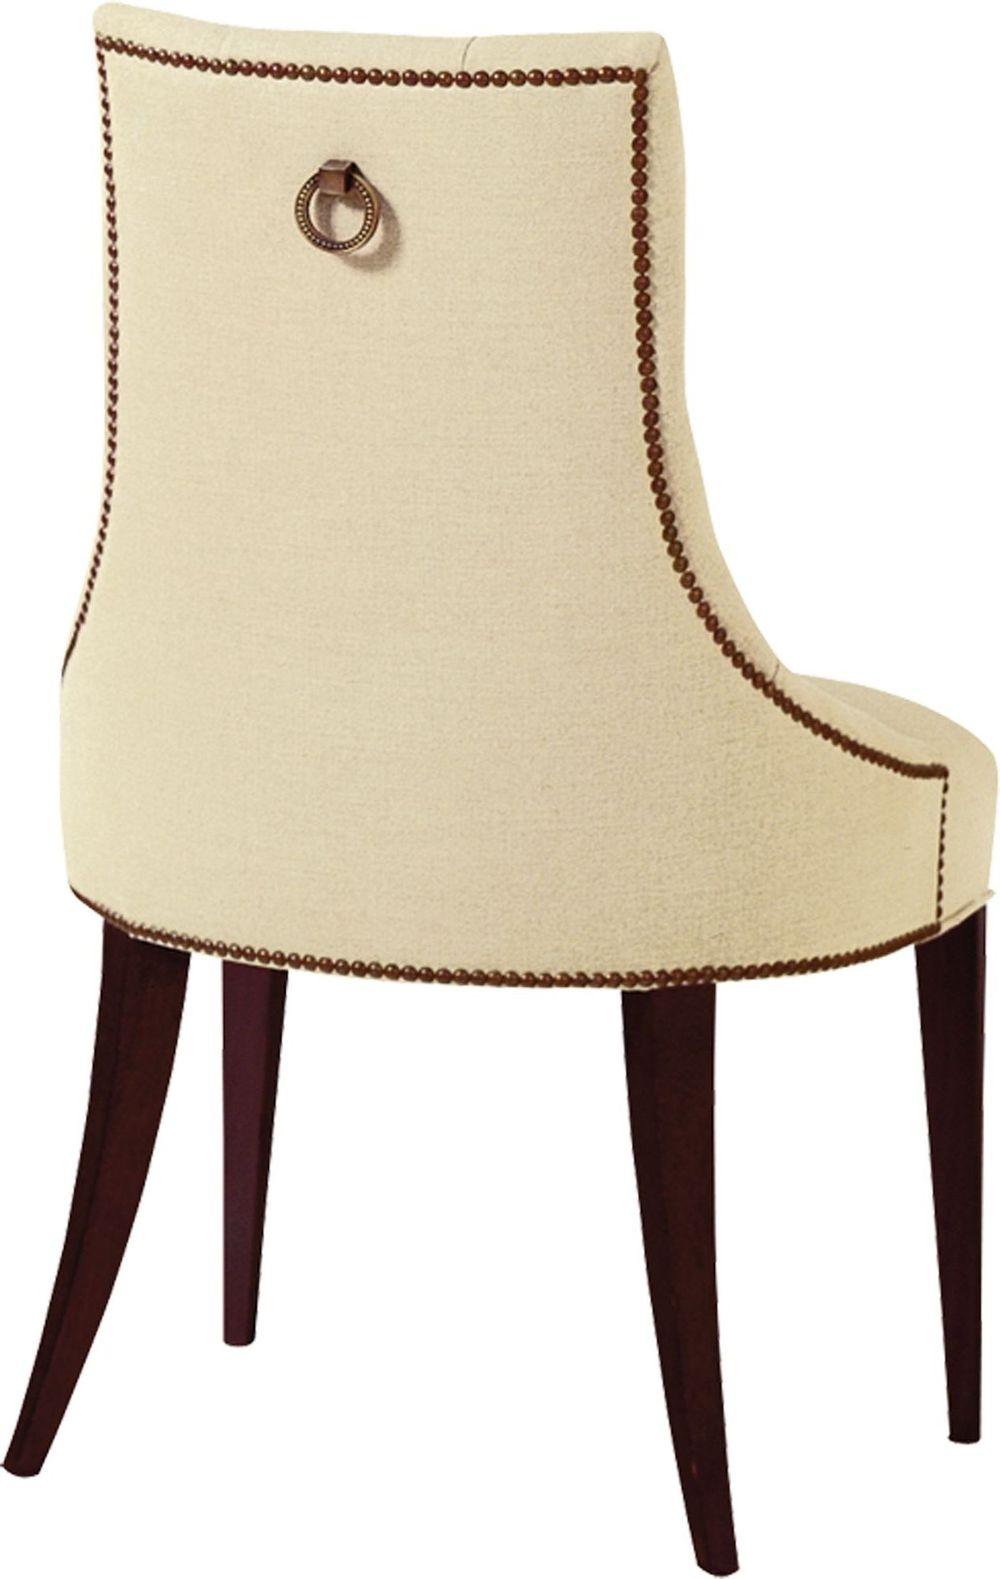 Baker Furniture - Ritz Dining Chair